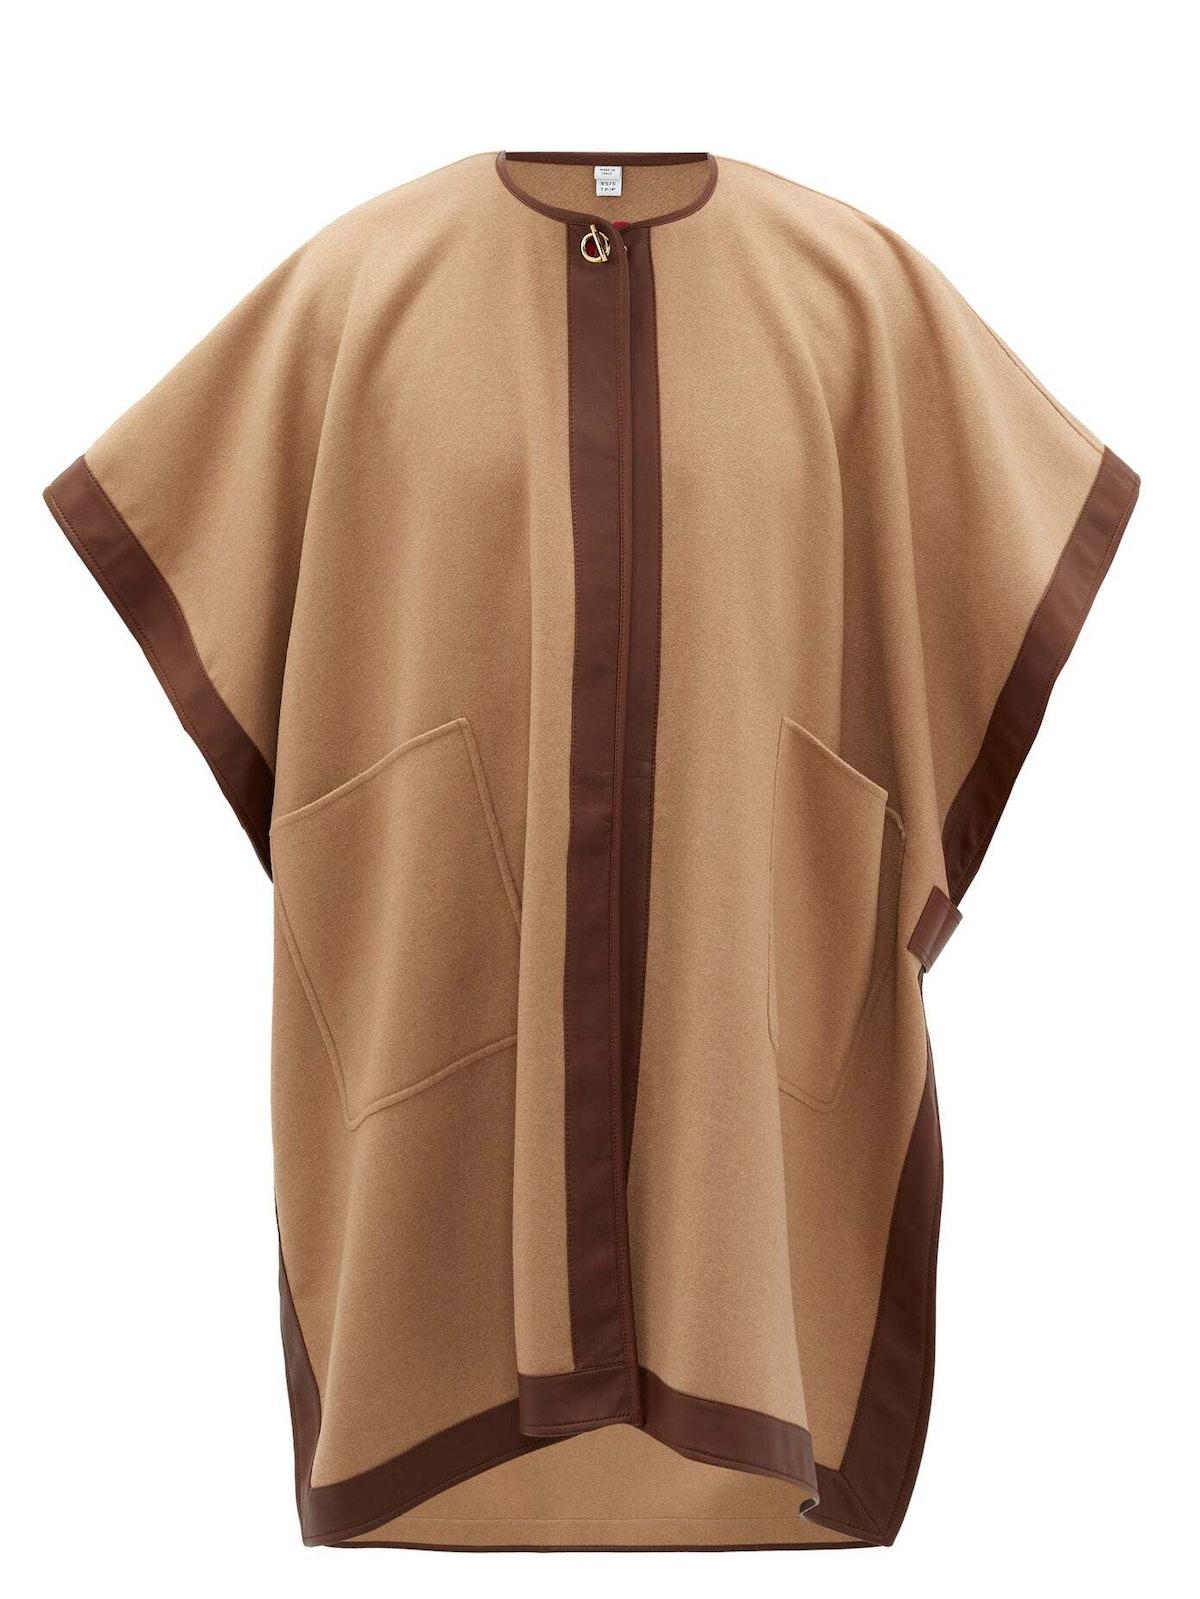 A Burberry cape